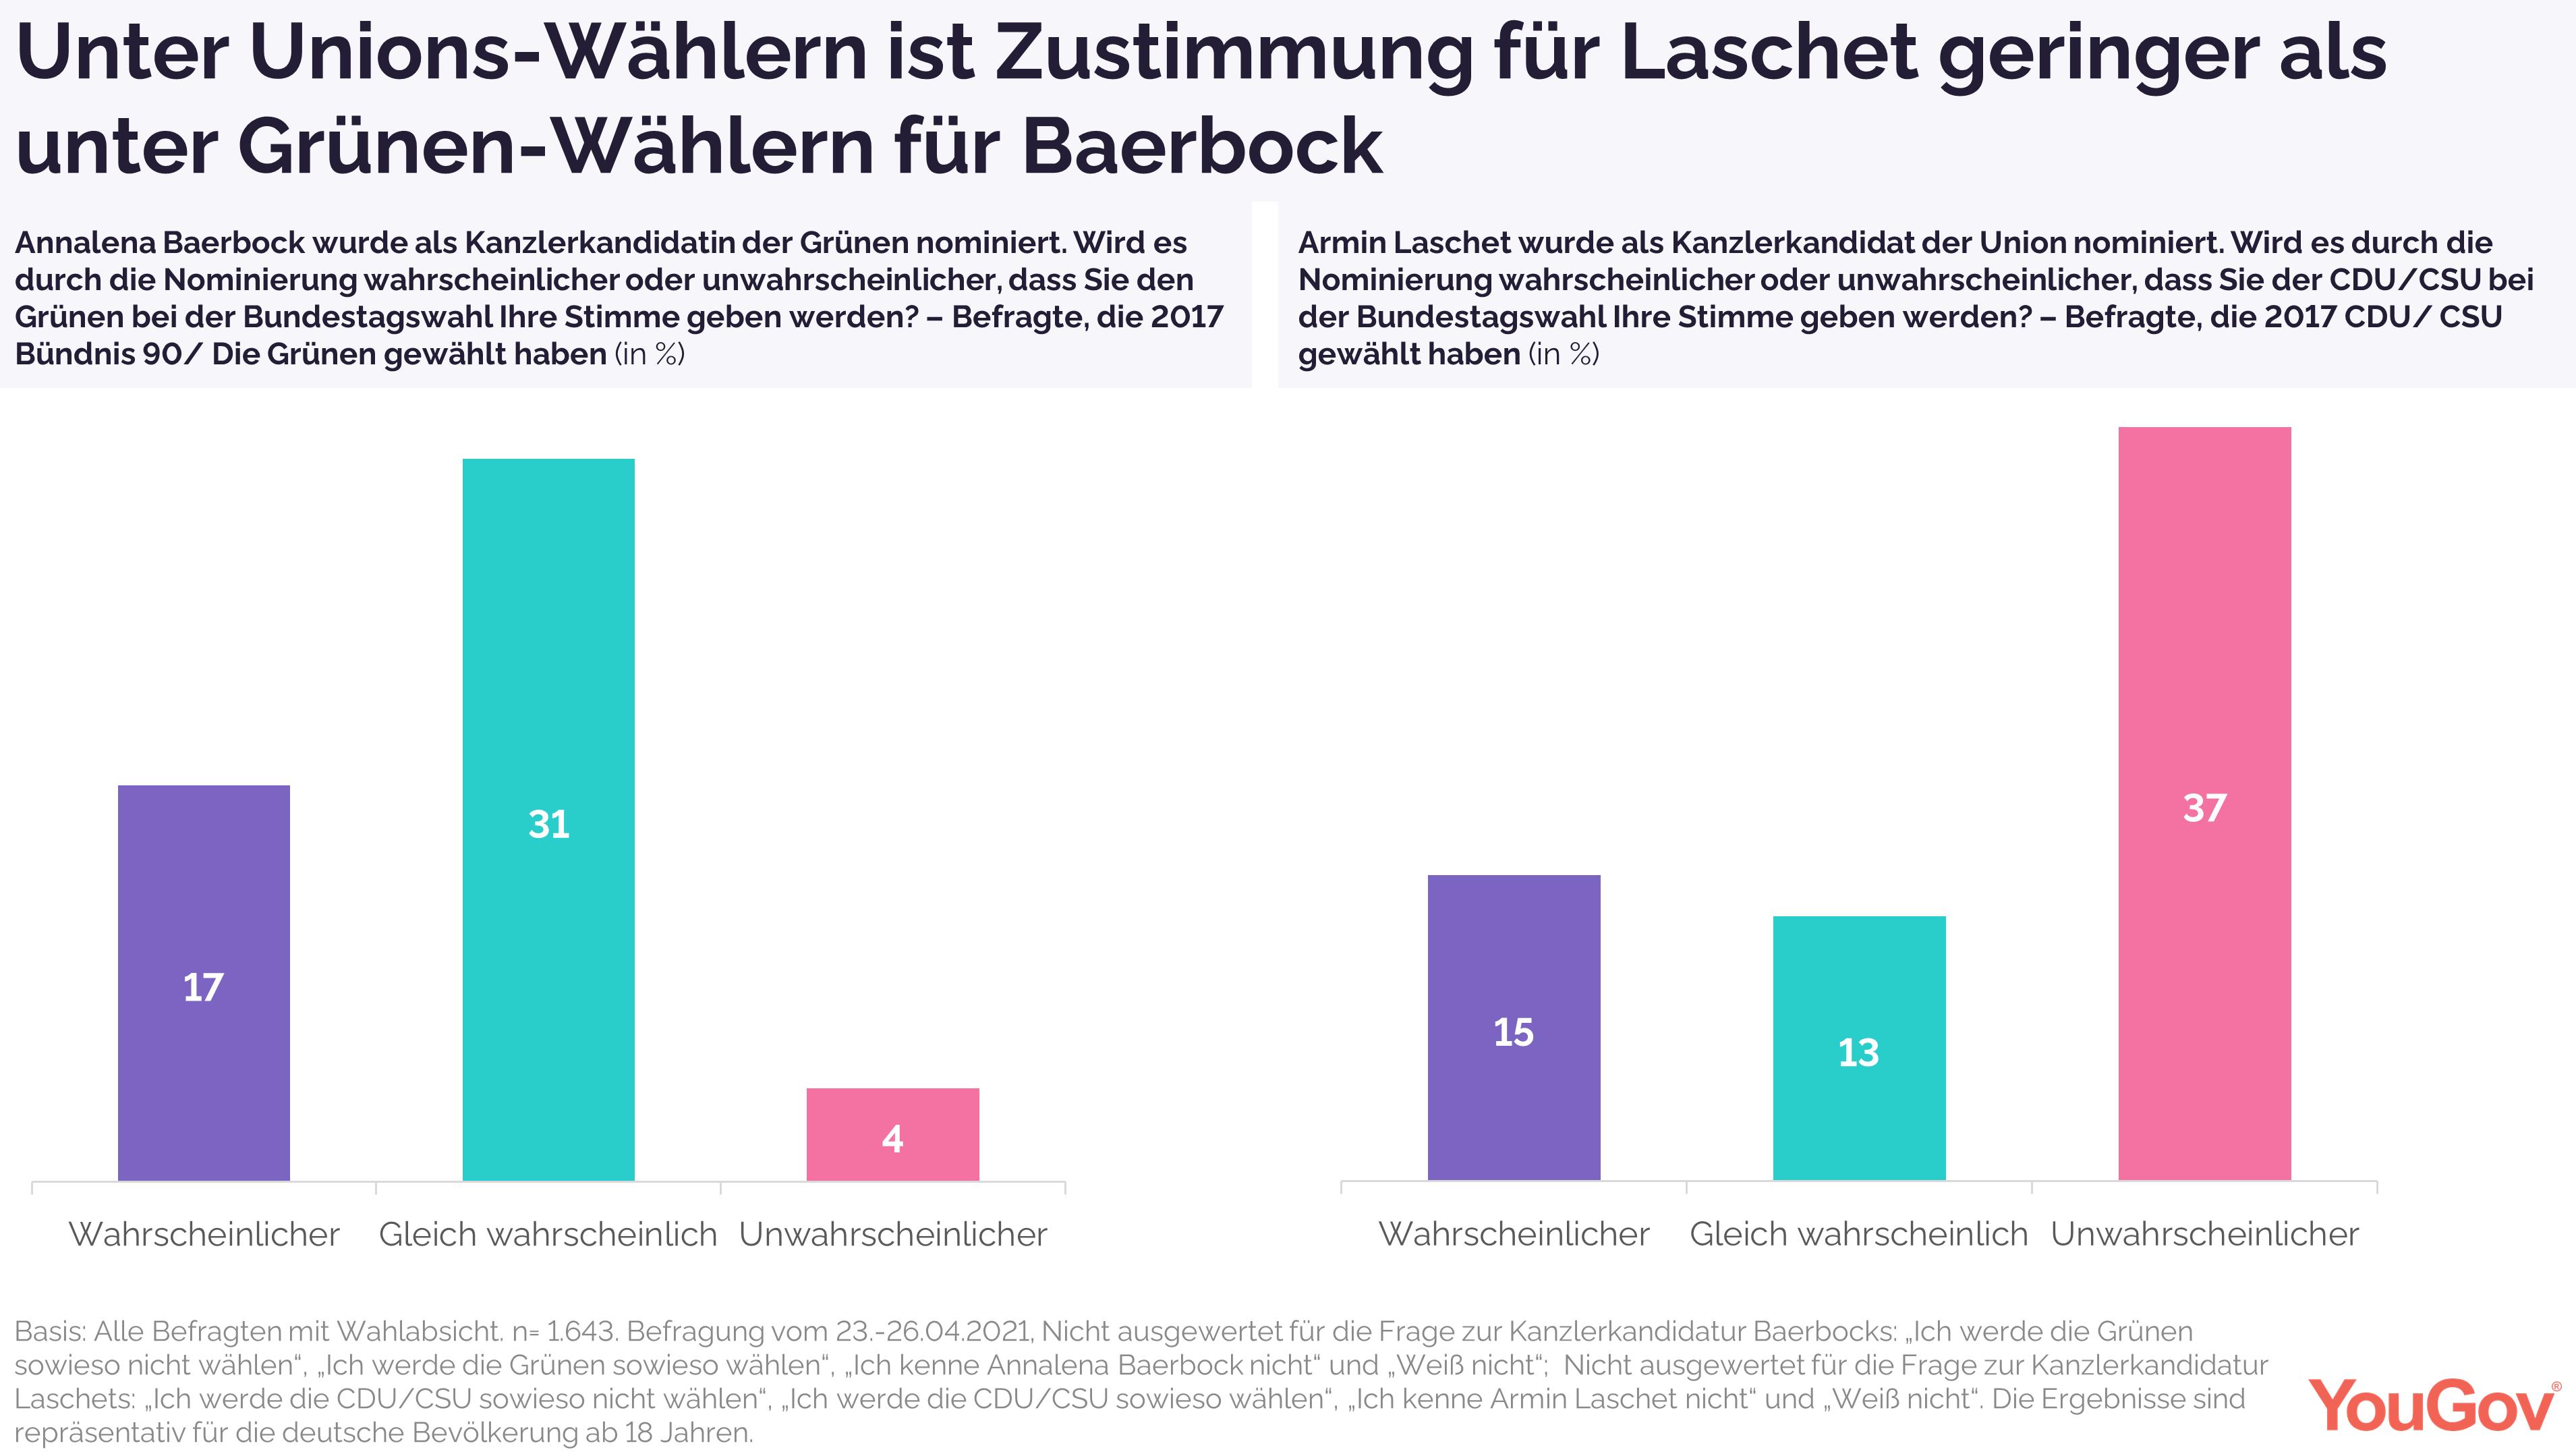 Unterstützung für Baerbock unter Grünen-Wählern größer als für Laschet unter Unionswählern